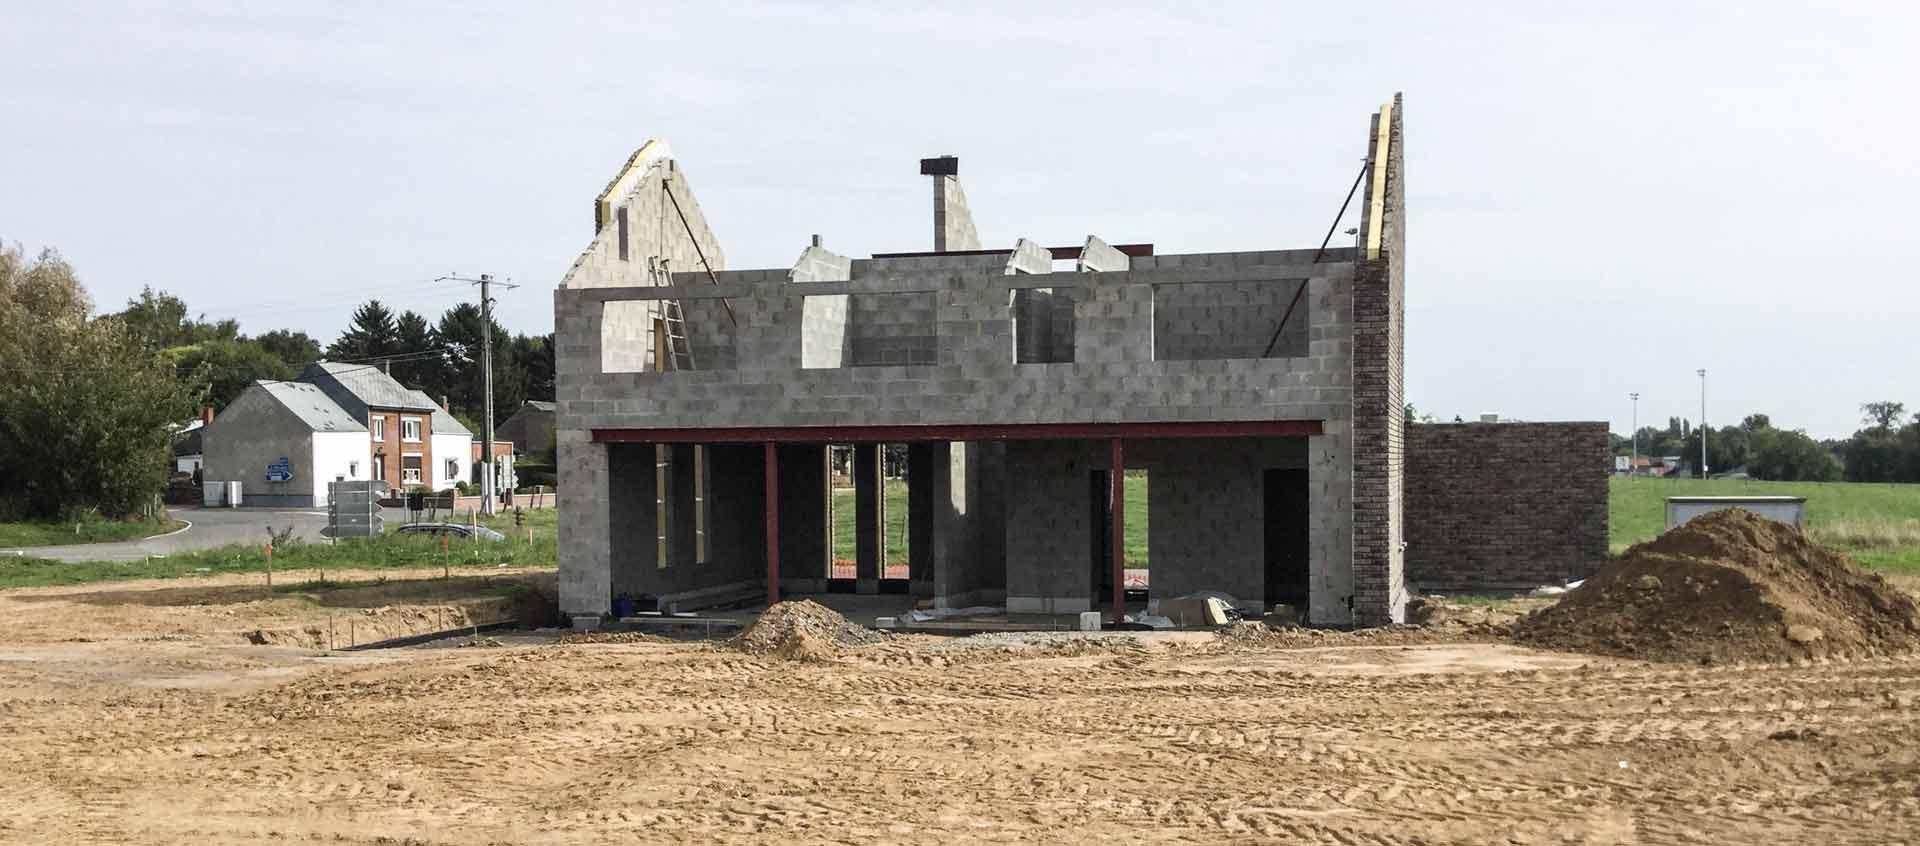 Geoffrey carion architecte à andenne / projet de construction d'une habitation unifamiliale en maçonnerie traditionnelle à Eghezée